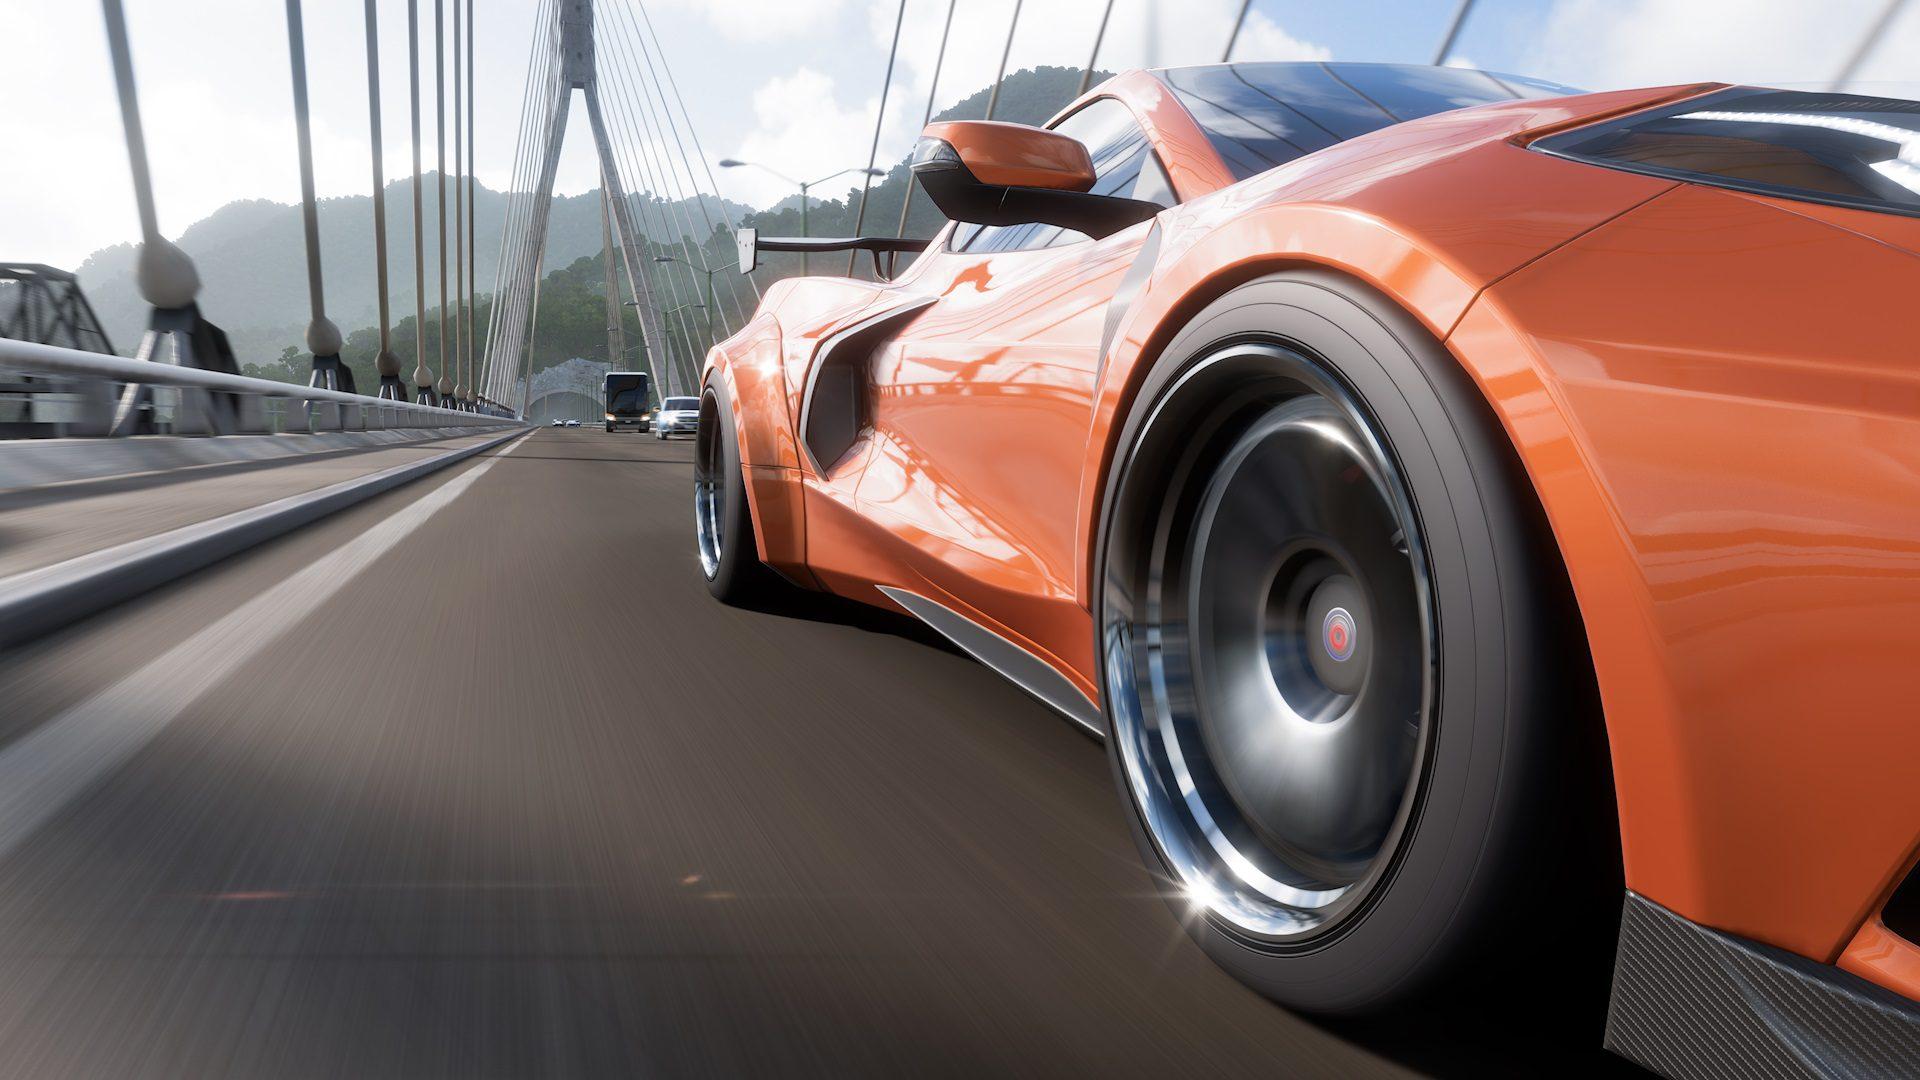 Impresiones de Forza Horizon 5: Lo hemos podido jugar y es alucinante - Llevamos una semana entera jugando a Forza Horizon 5 y os prometemos que será uno de los mejores juegos del año. Porque es más que un juego de coches.